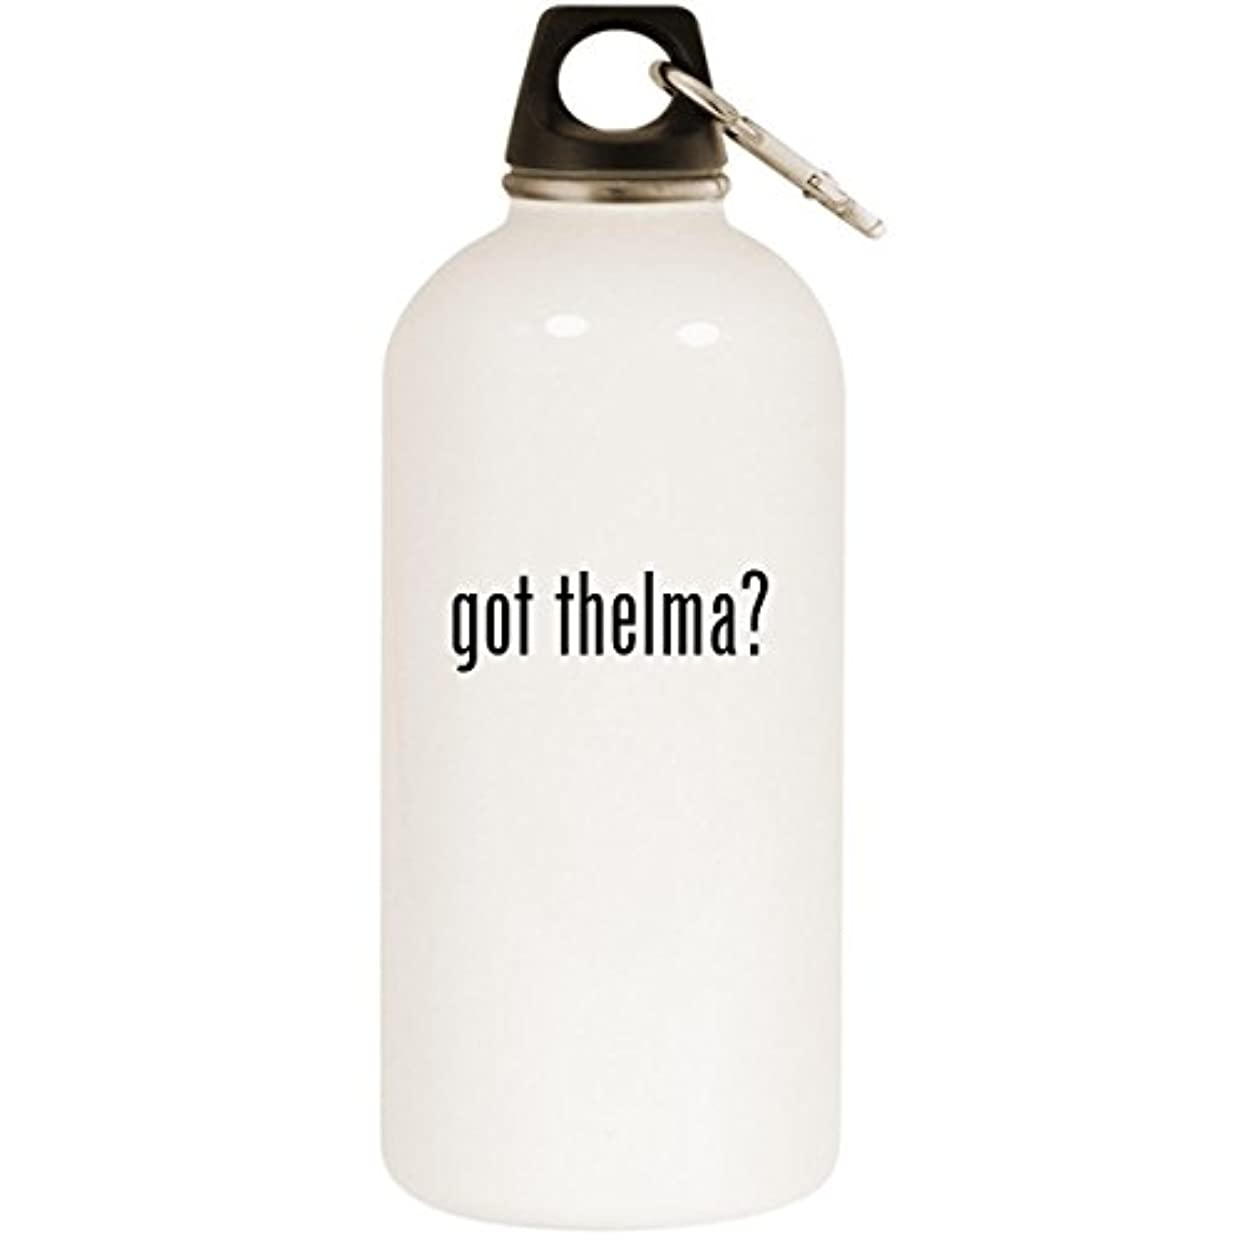 叱るベーシック餌got thelma? - ホワイト20オンスステンレススチールウォーターボトル カラビナ付き